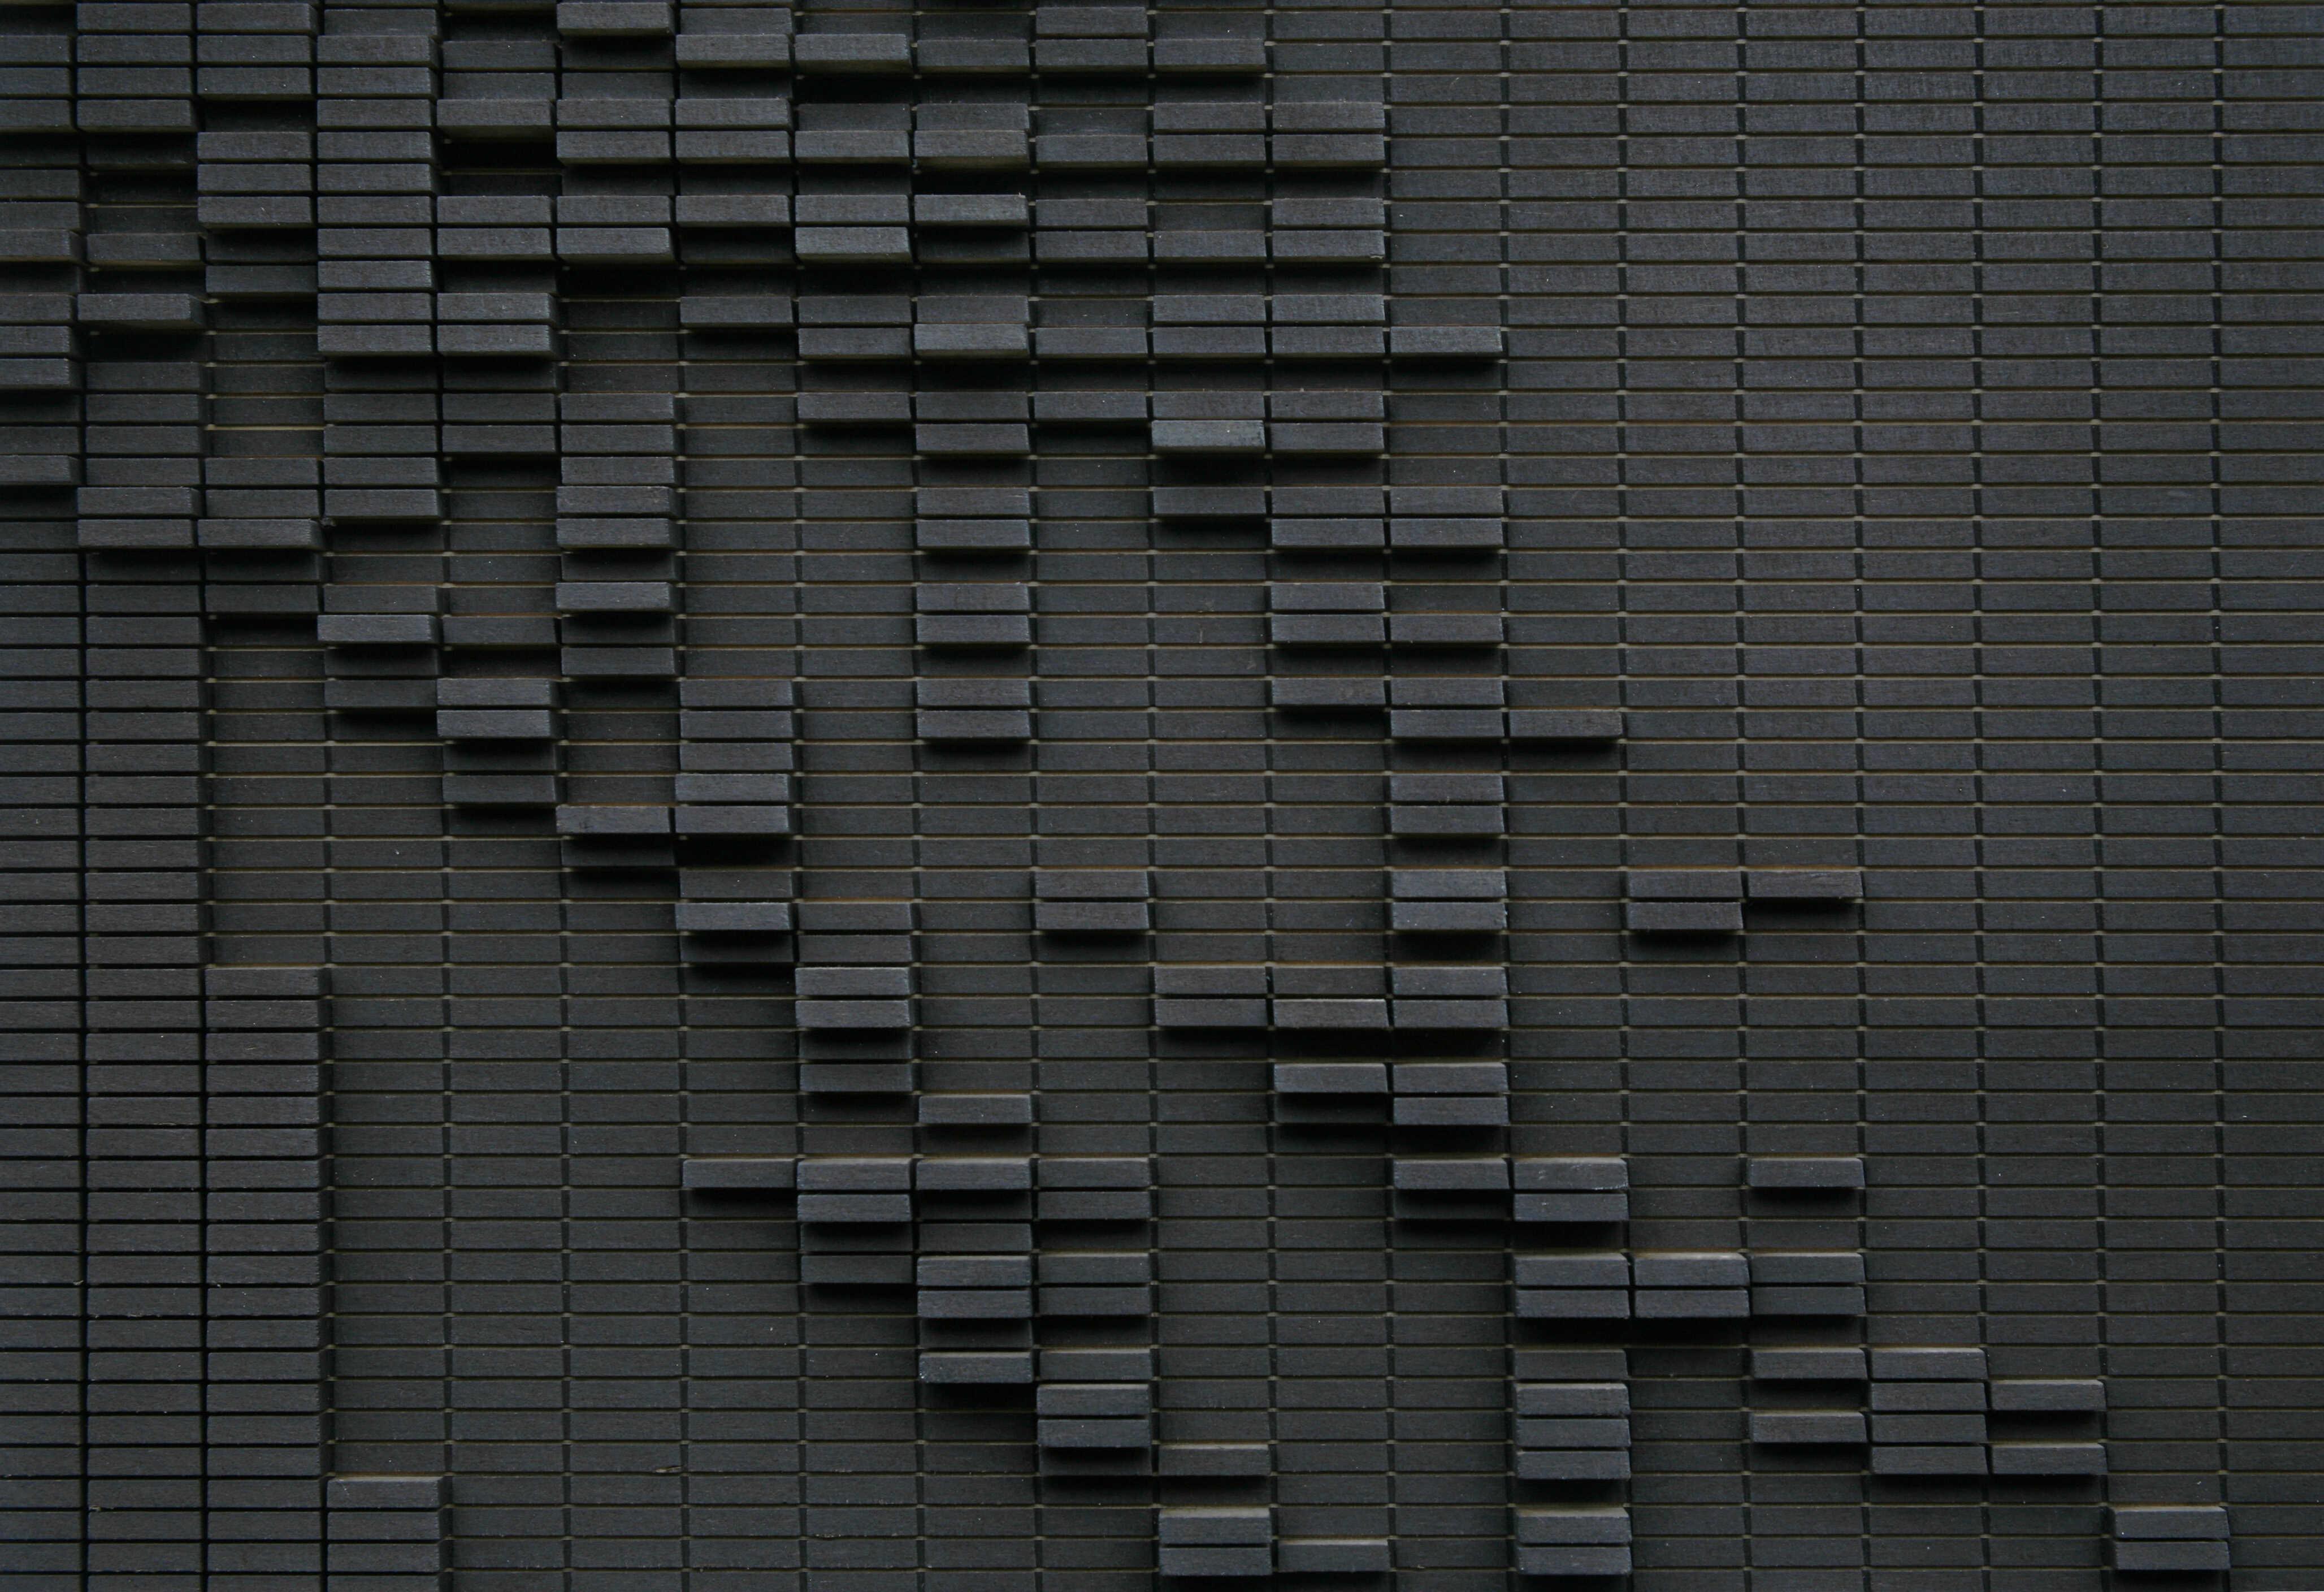 White Brickwork Architecture